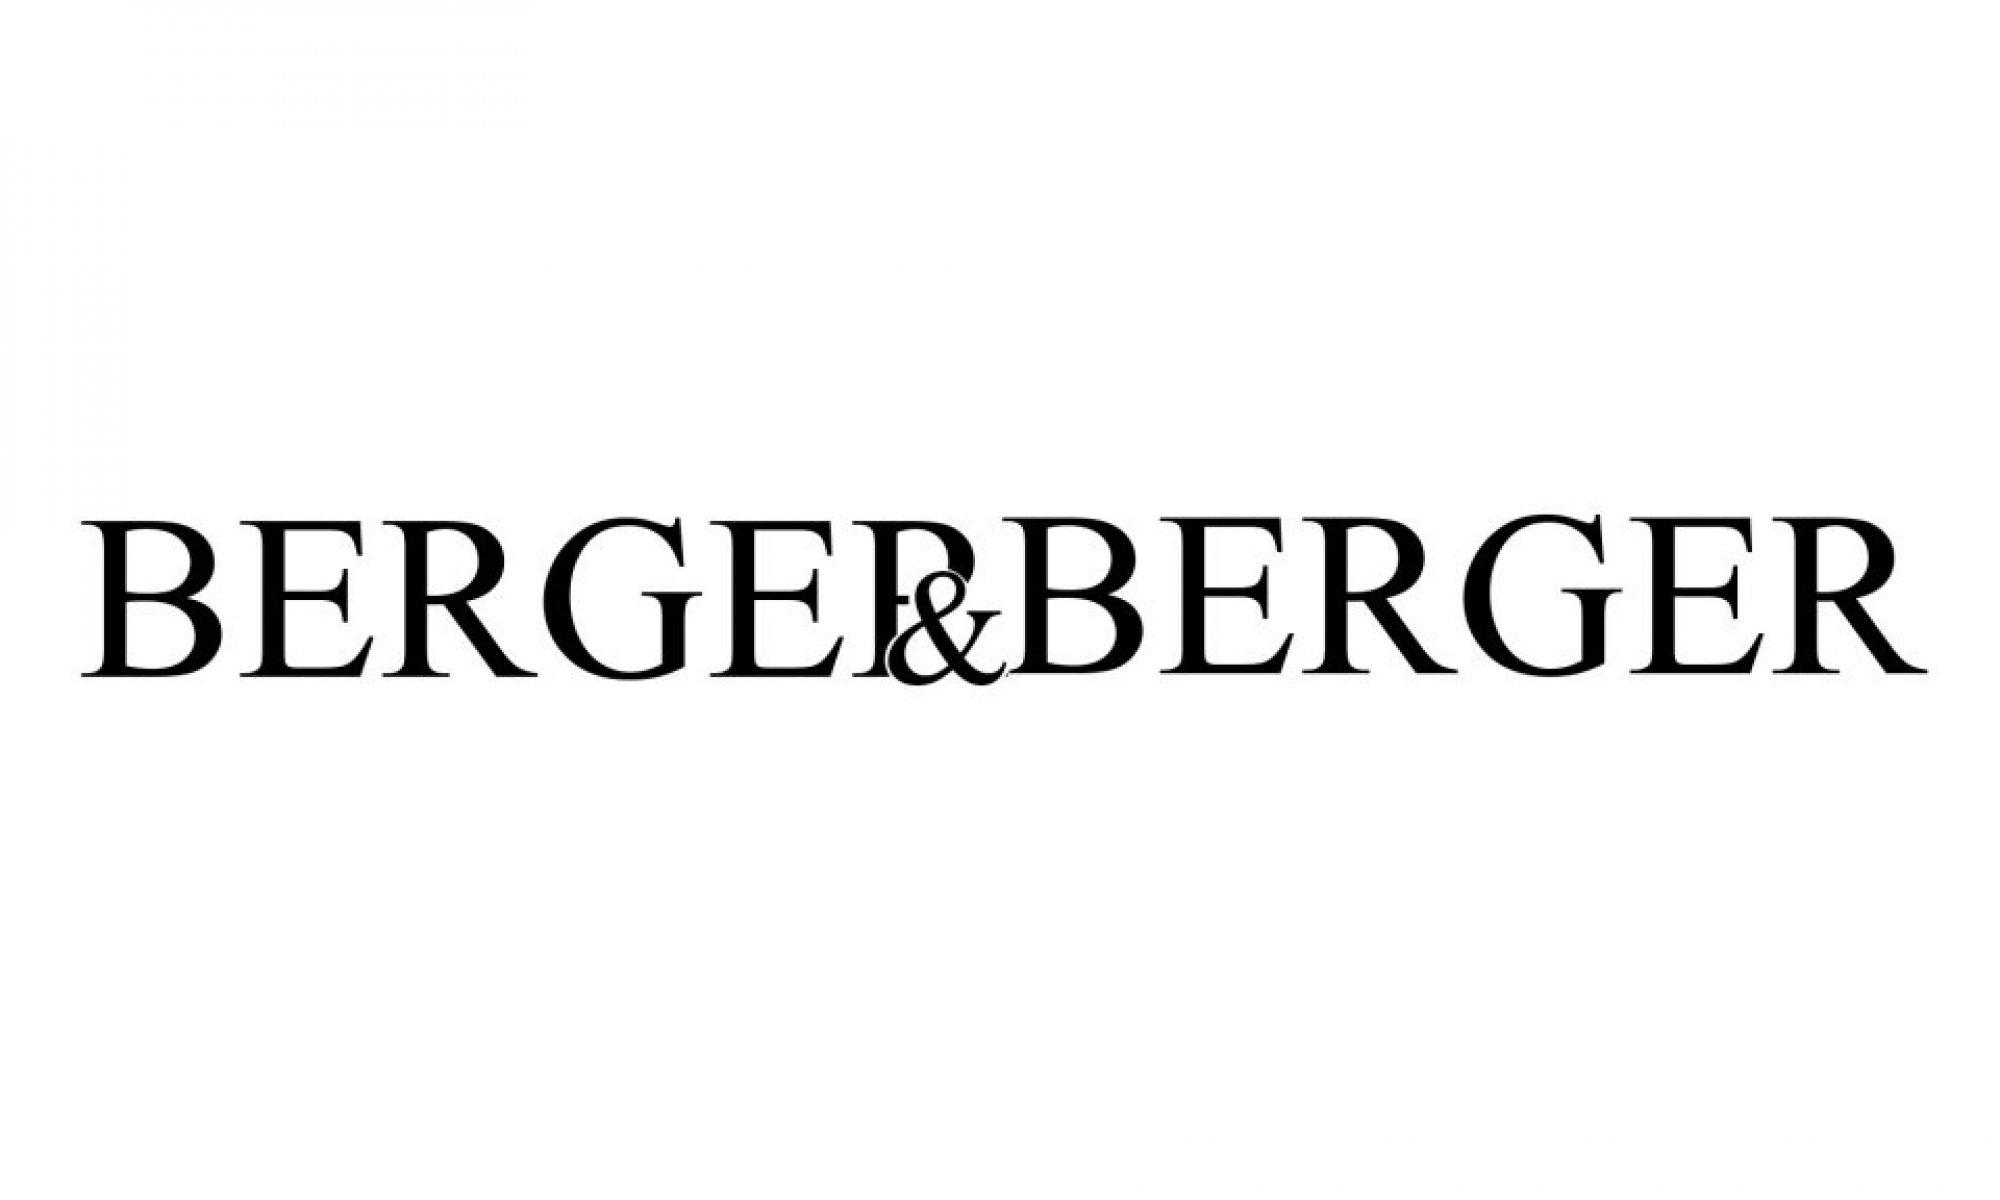 Berger&Berger